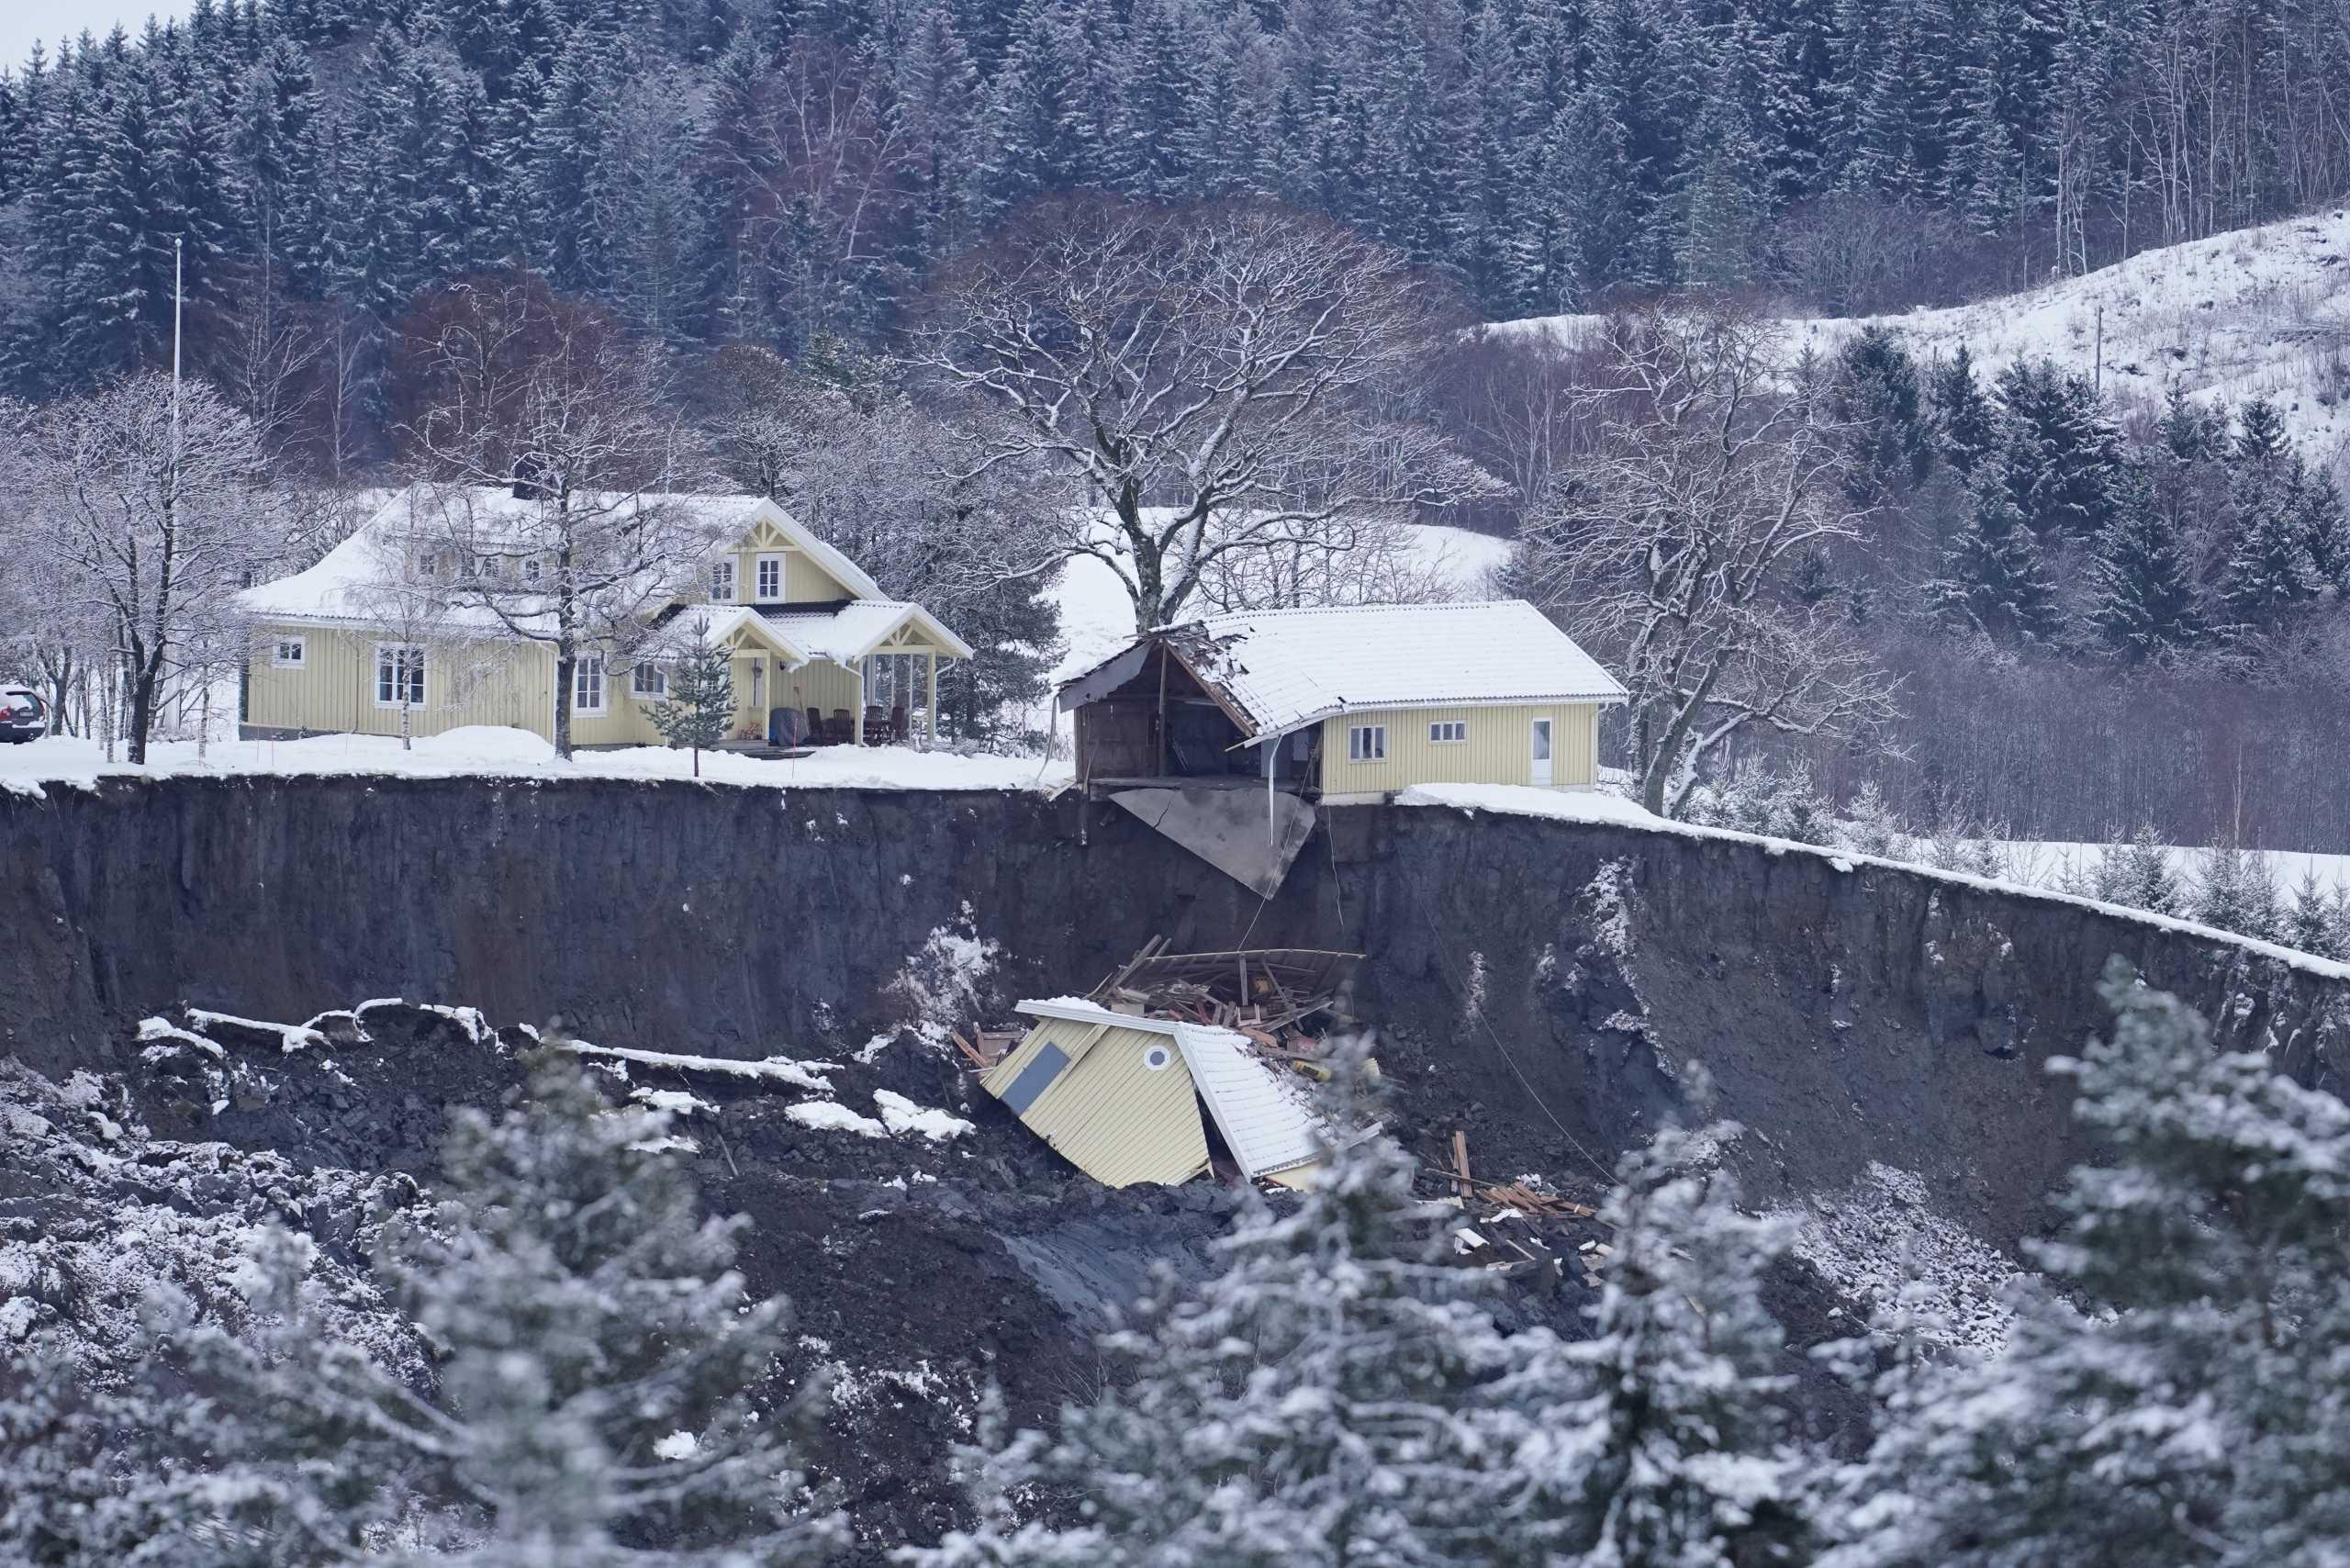 Νορβηγία: Τέσσερις νεκροί και έξι αγνοούμενοι ο νεότερος απολογισμός από την κατολίσθηση